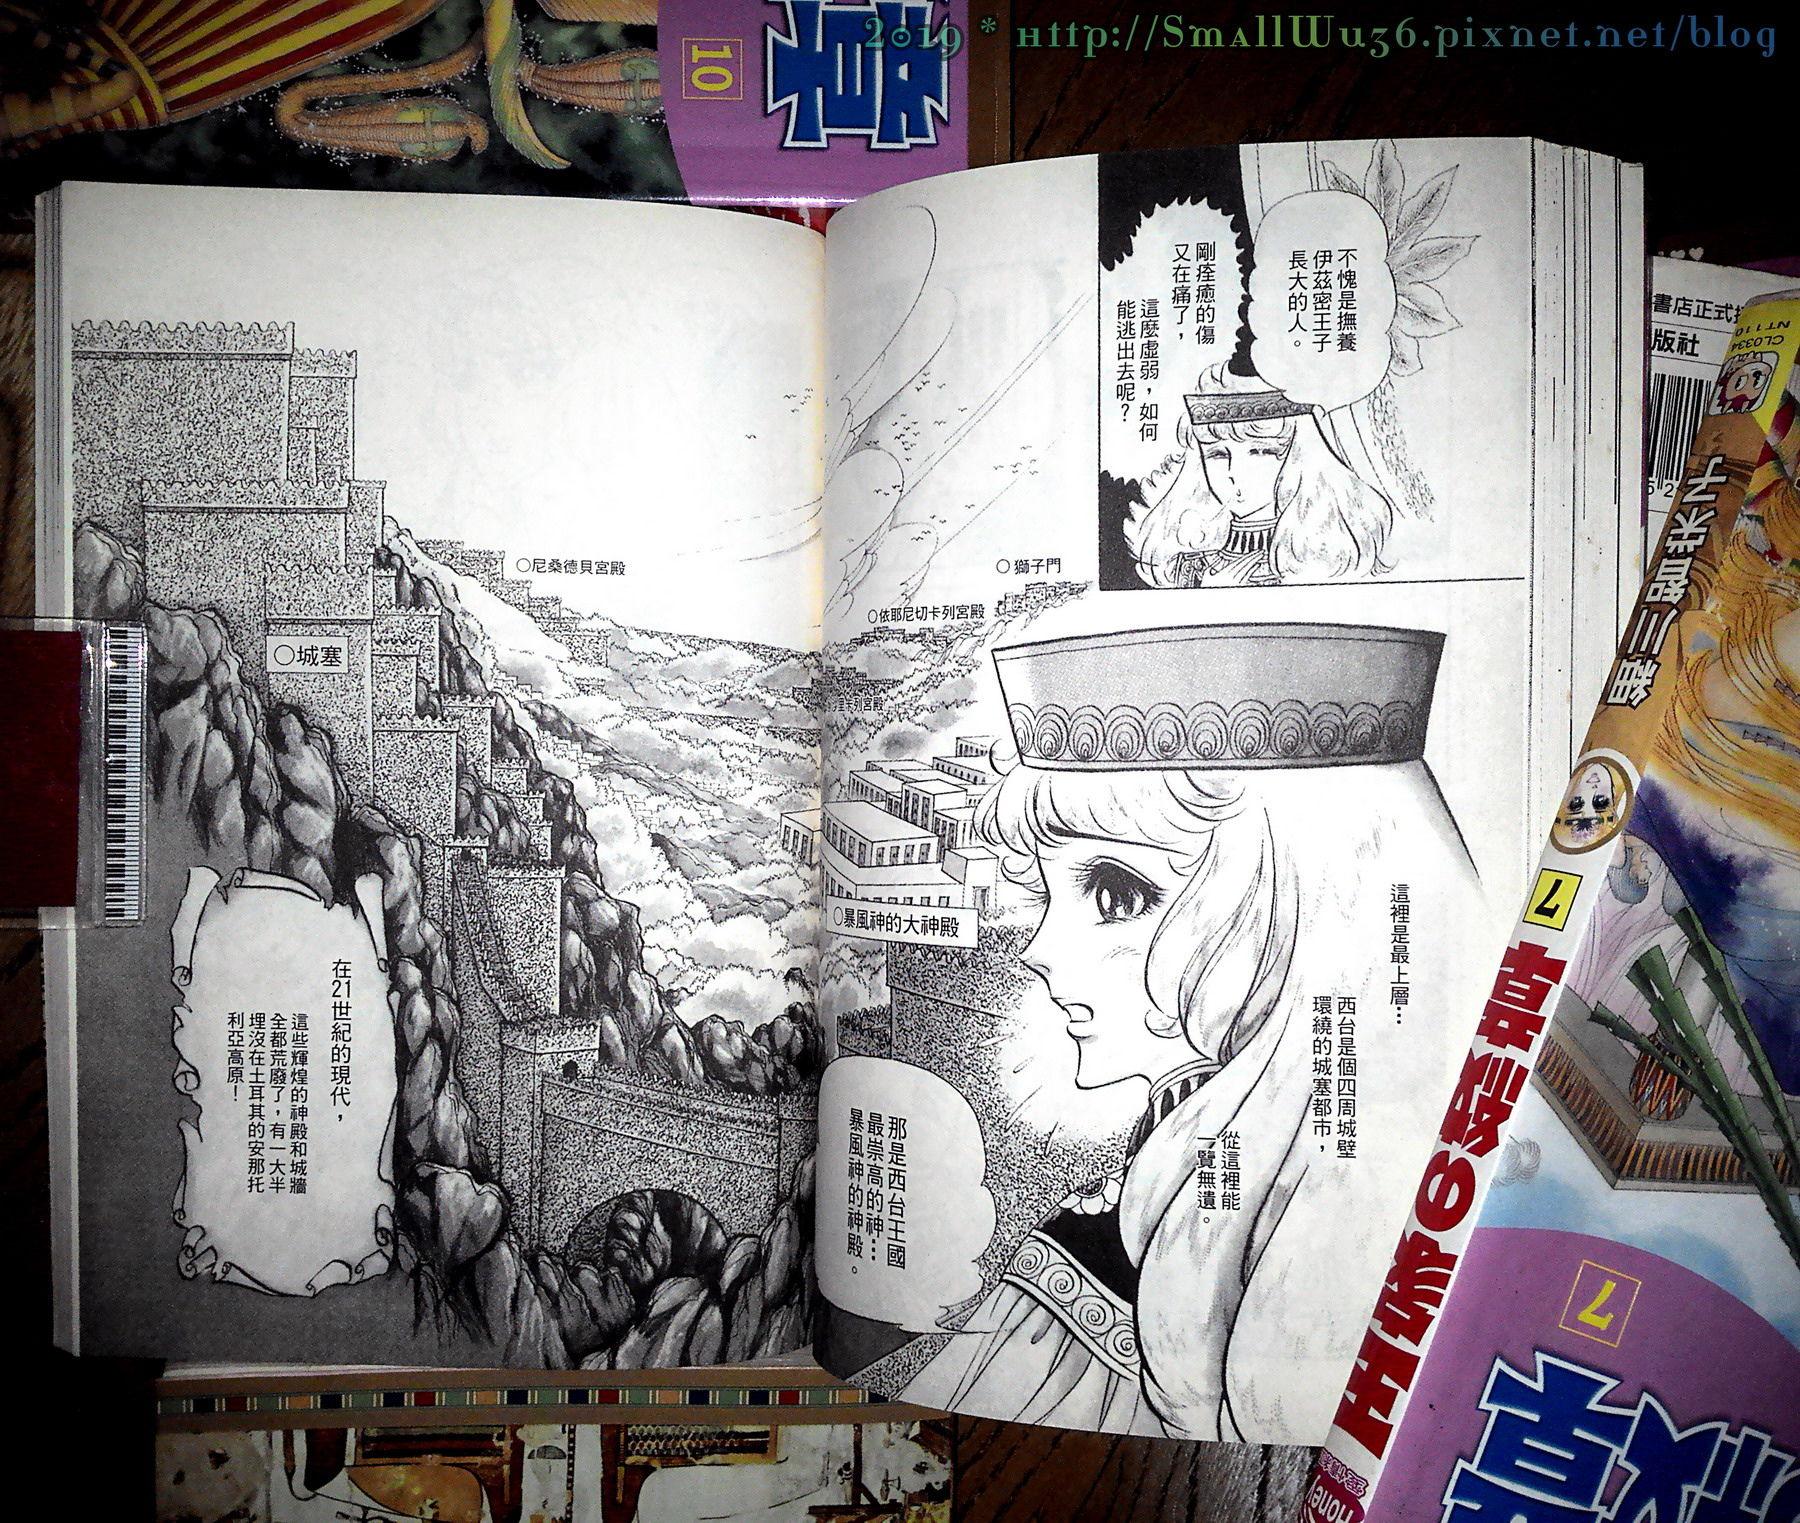 細川智榮子-王家的紋章(尼羅河女兒) 4-24 (長鴻)  vol_9.jpg